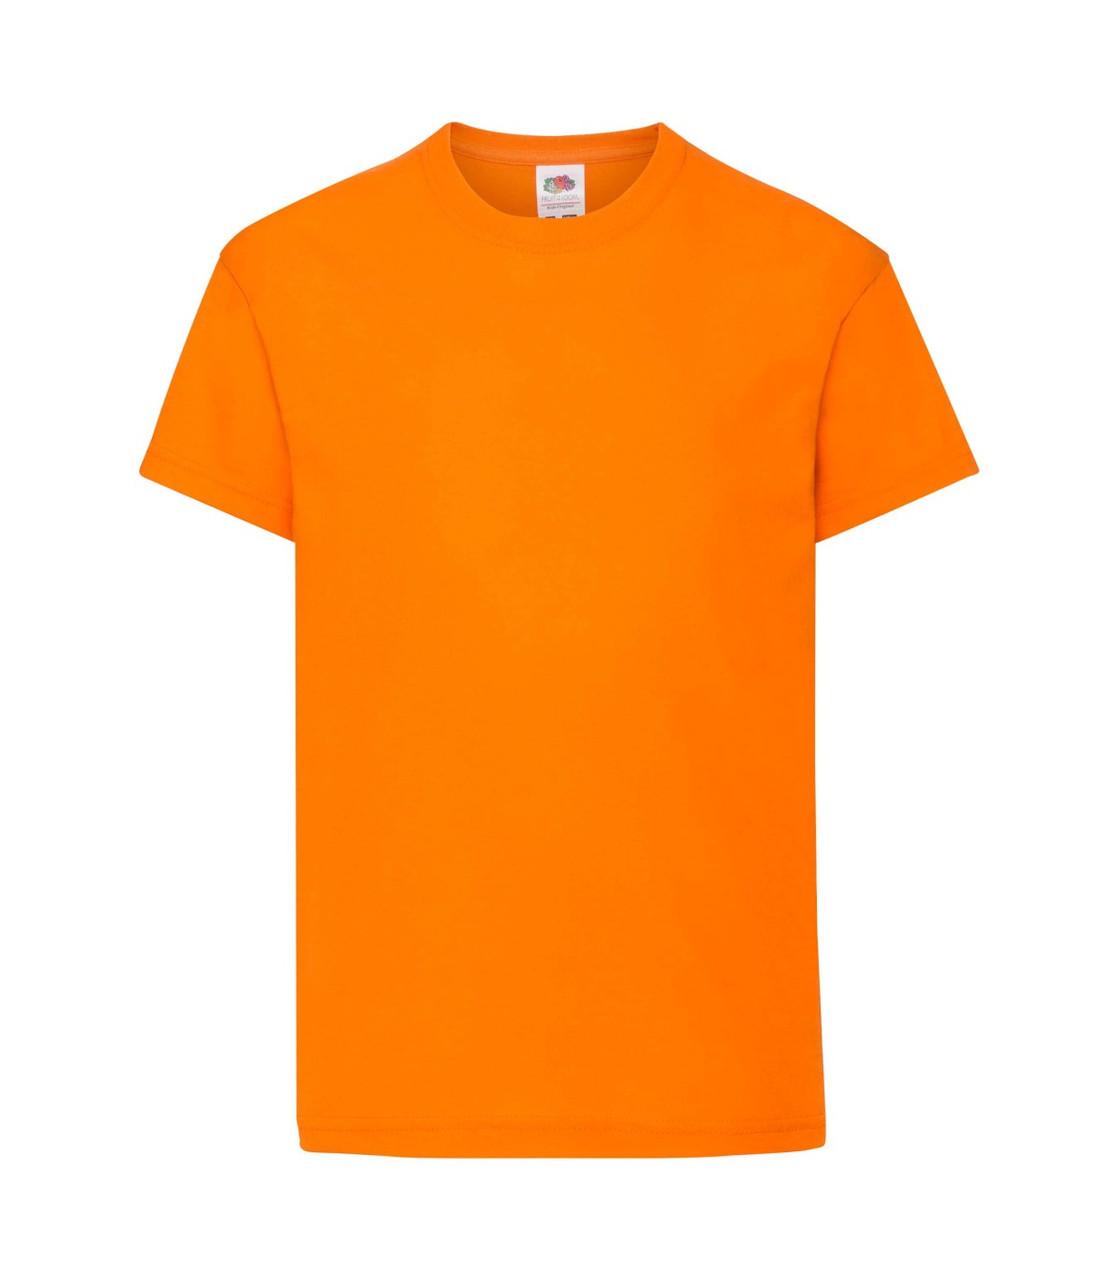 Футболка для мальчиков хлопок оранжевая  015-44